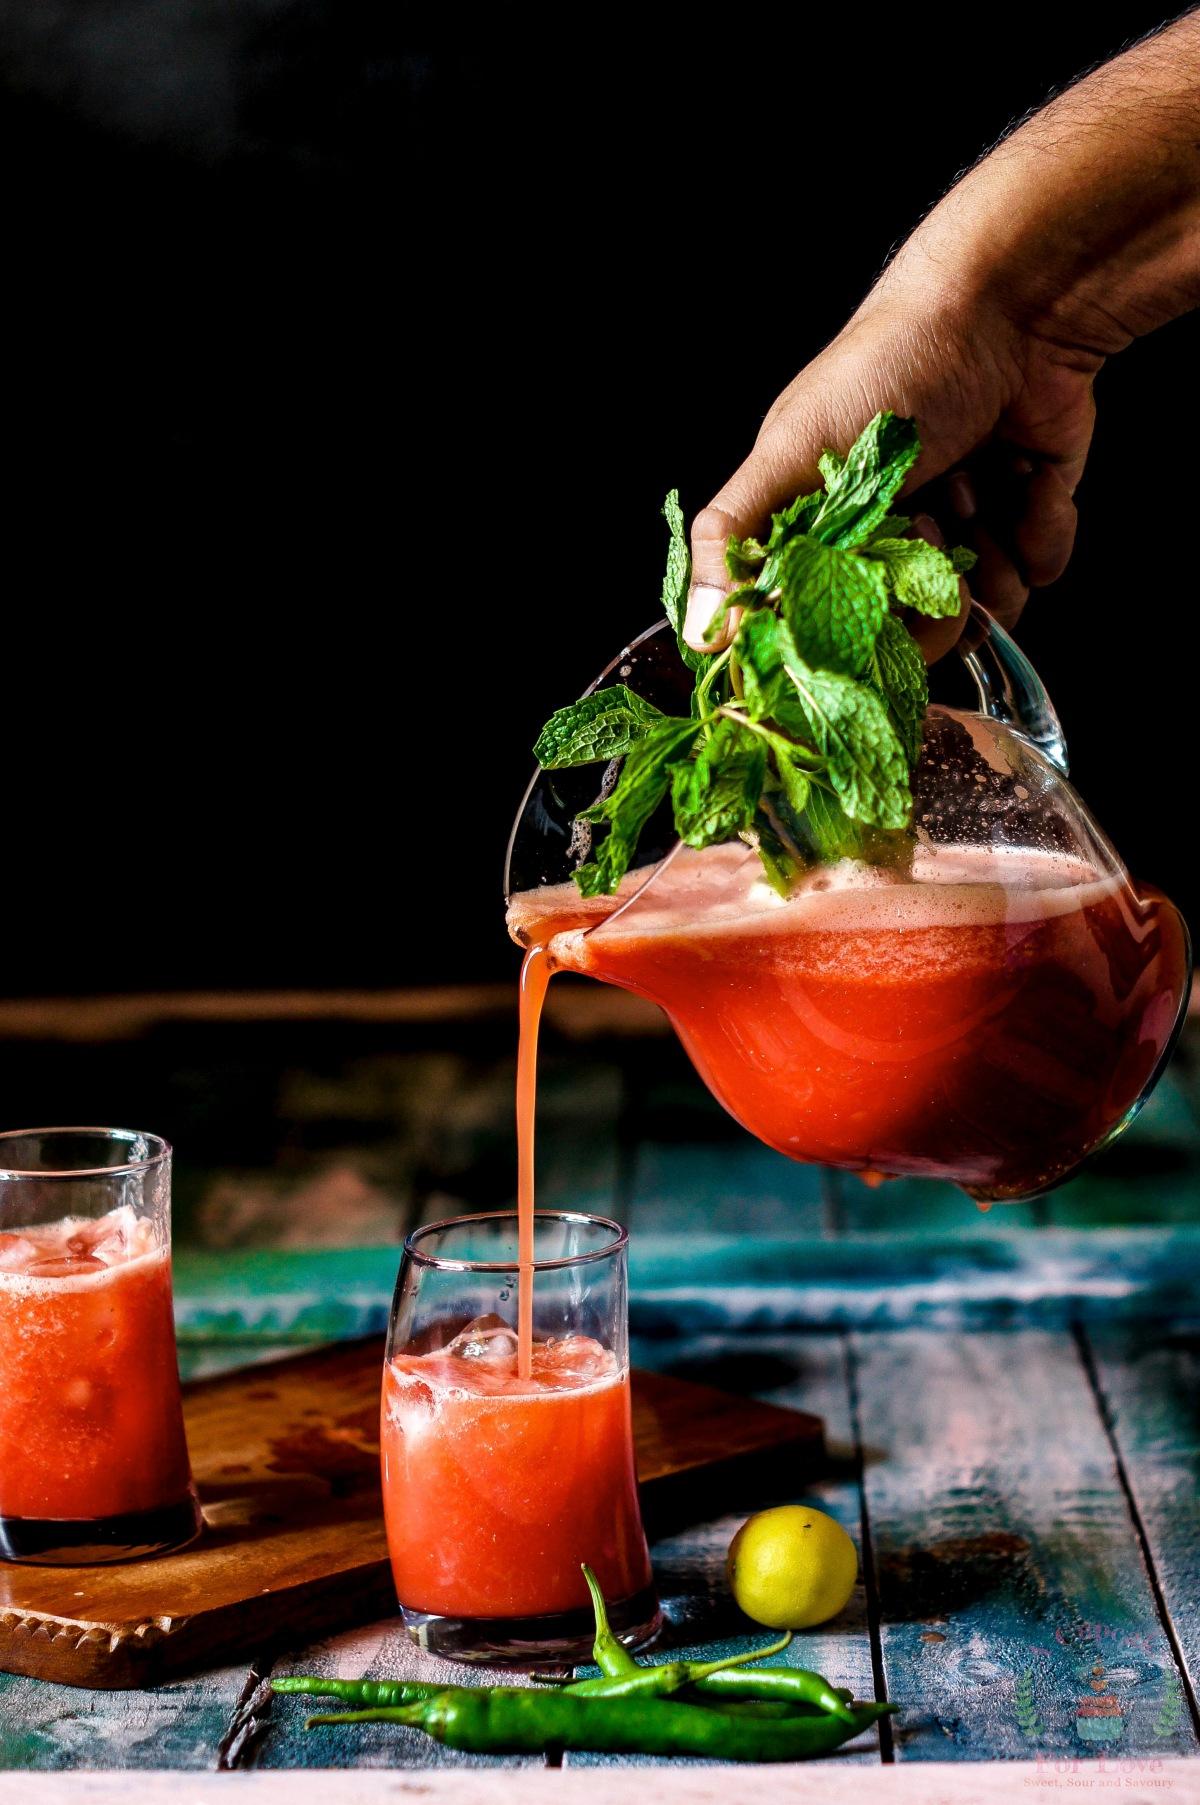 Chilli Watermelon AguaFresca